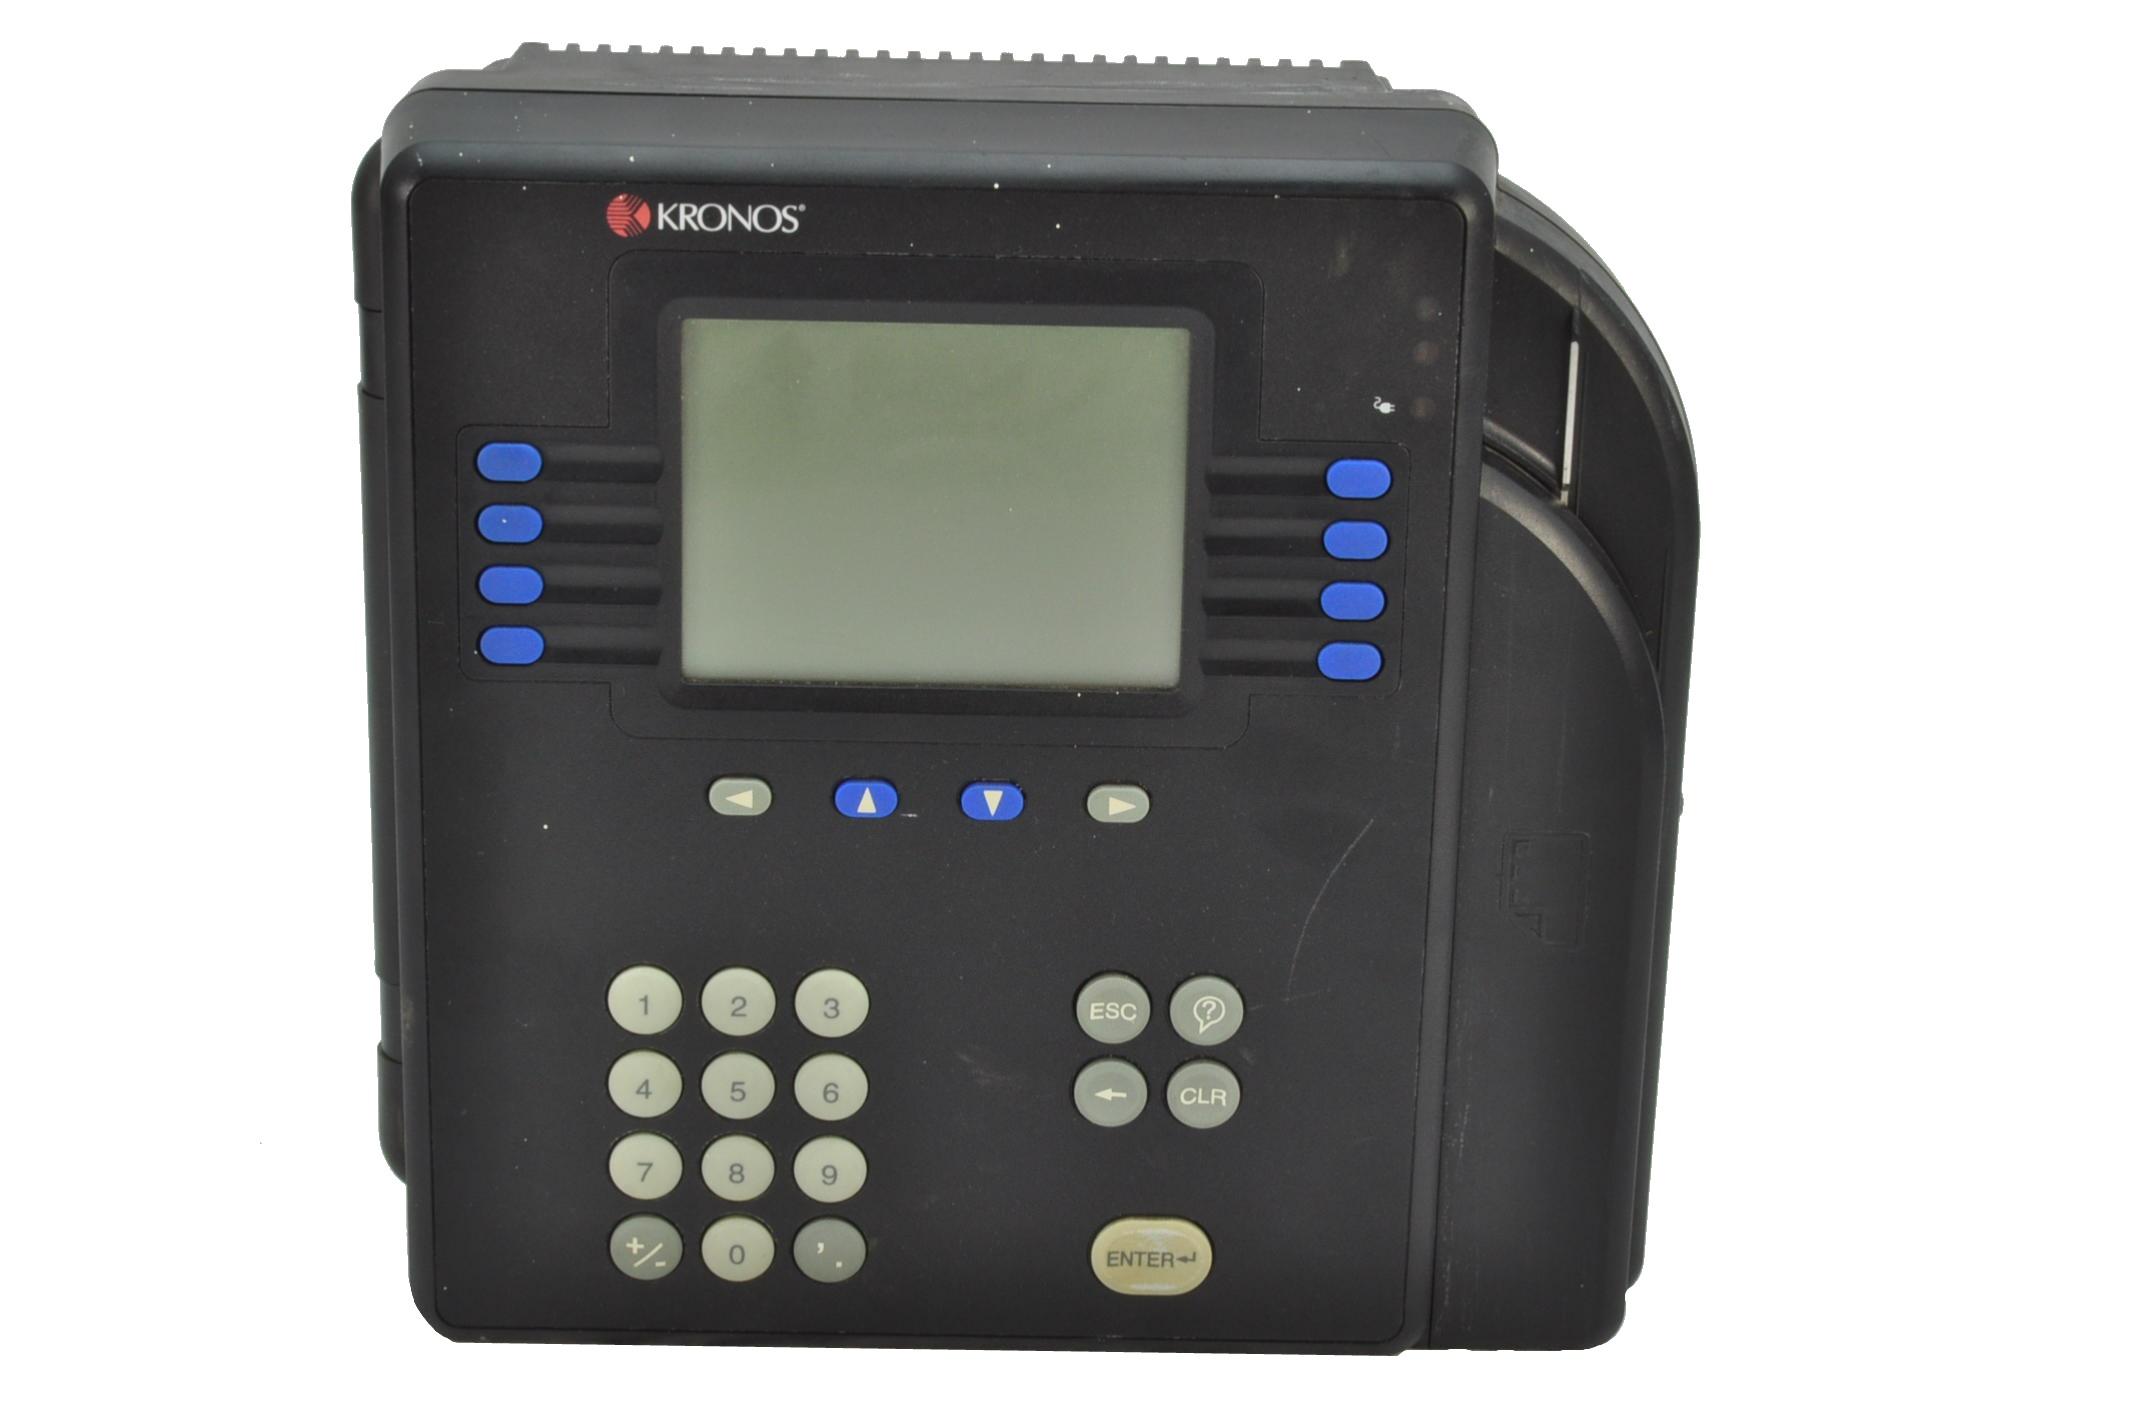 Kronos 480f Time Clock For Sale: Kronos 8602000 System 4500 Ethernet Time Clock